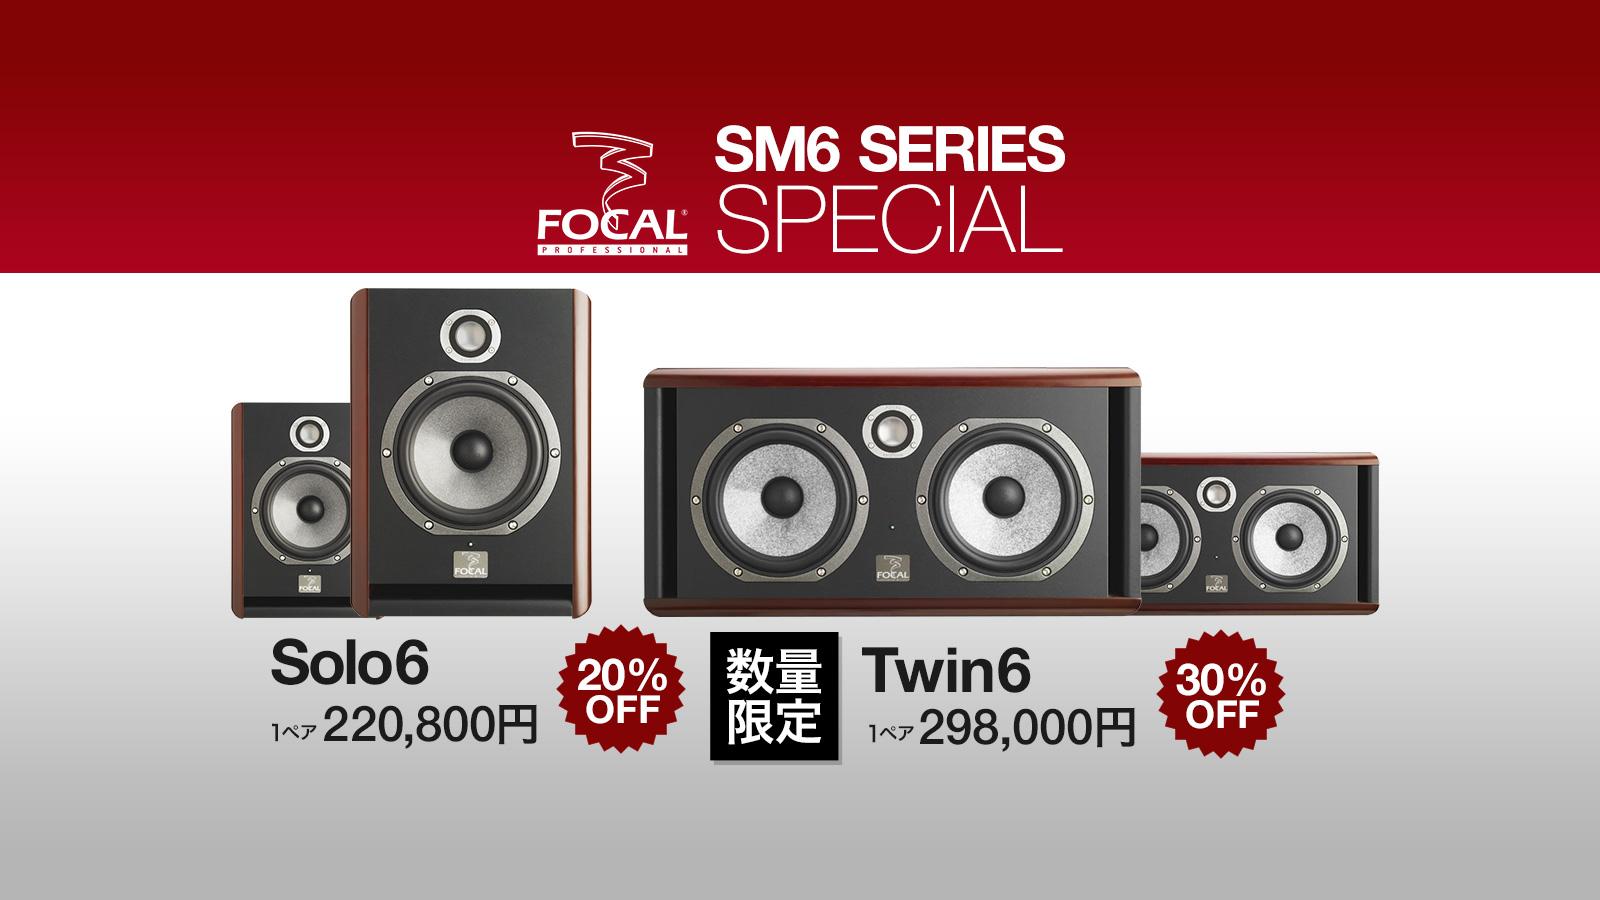 Focal Professional SM6シリーズプロモーション。 Twin6を30%OFFのペア298,000円で!